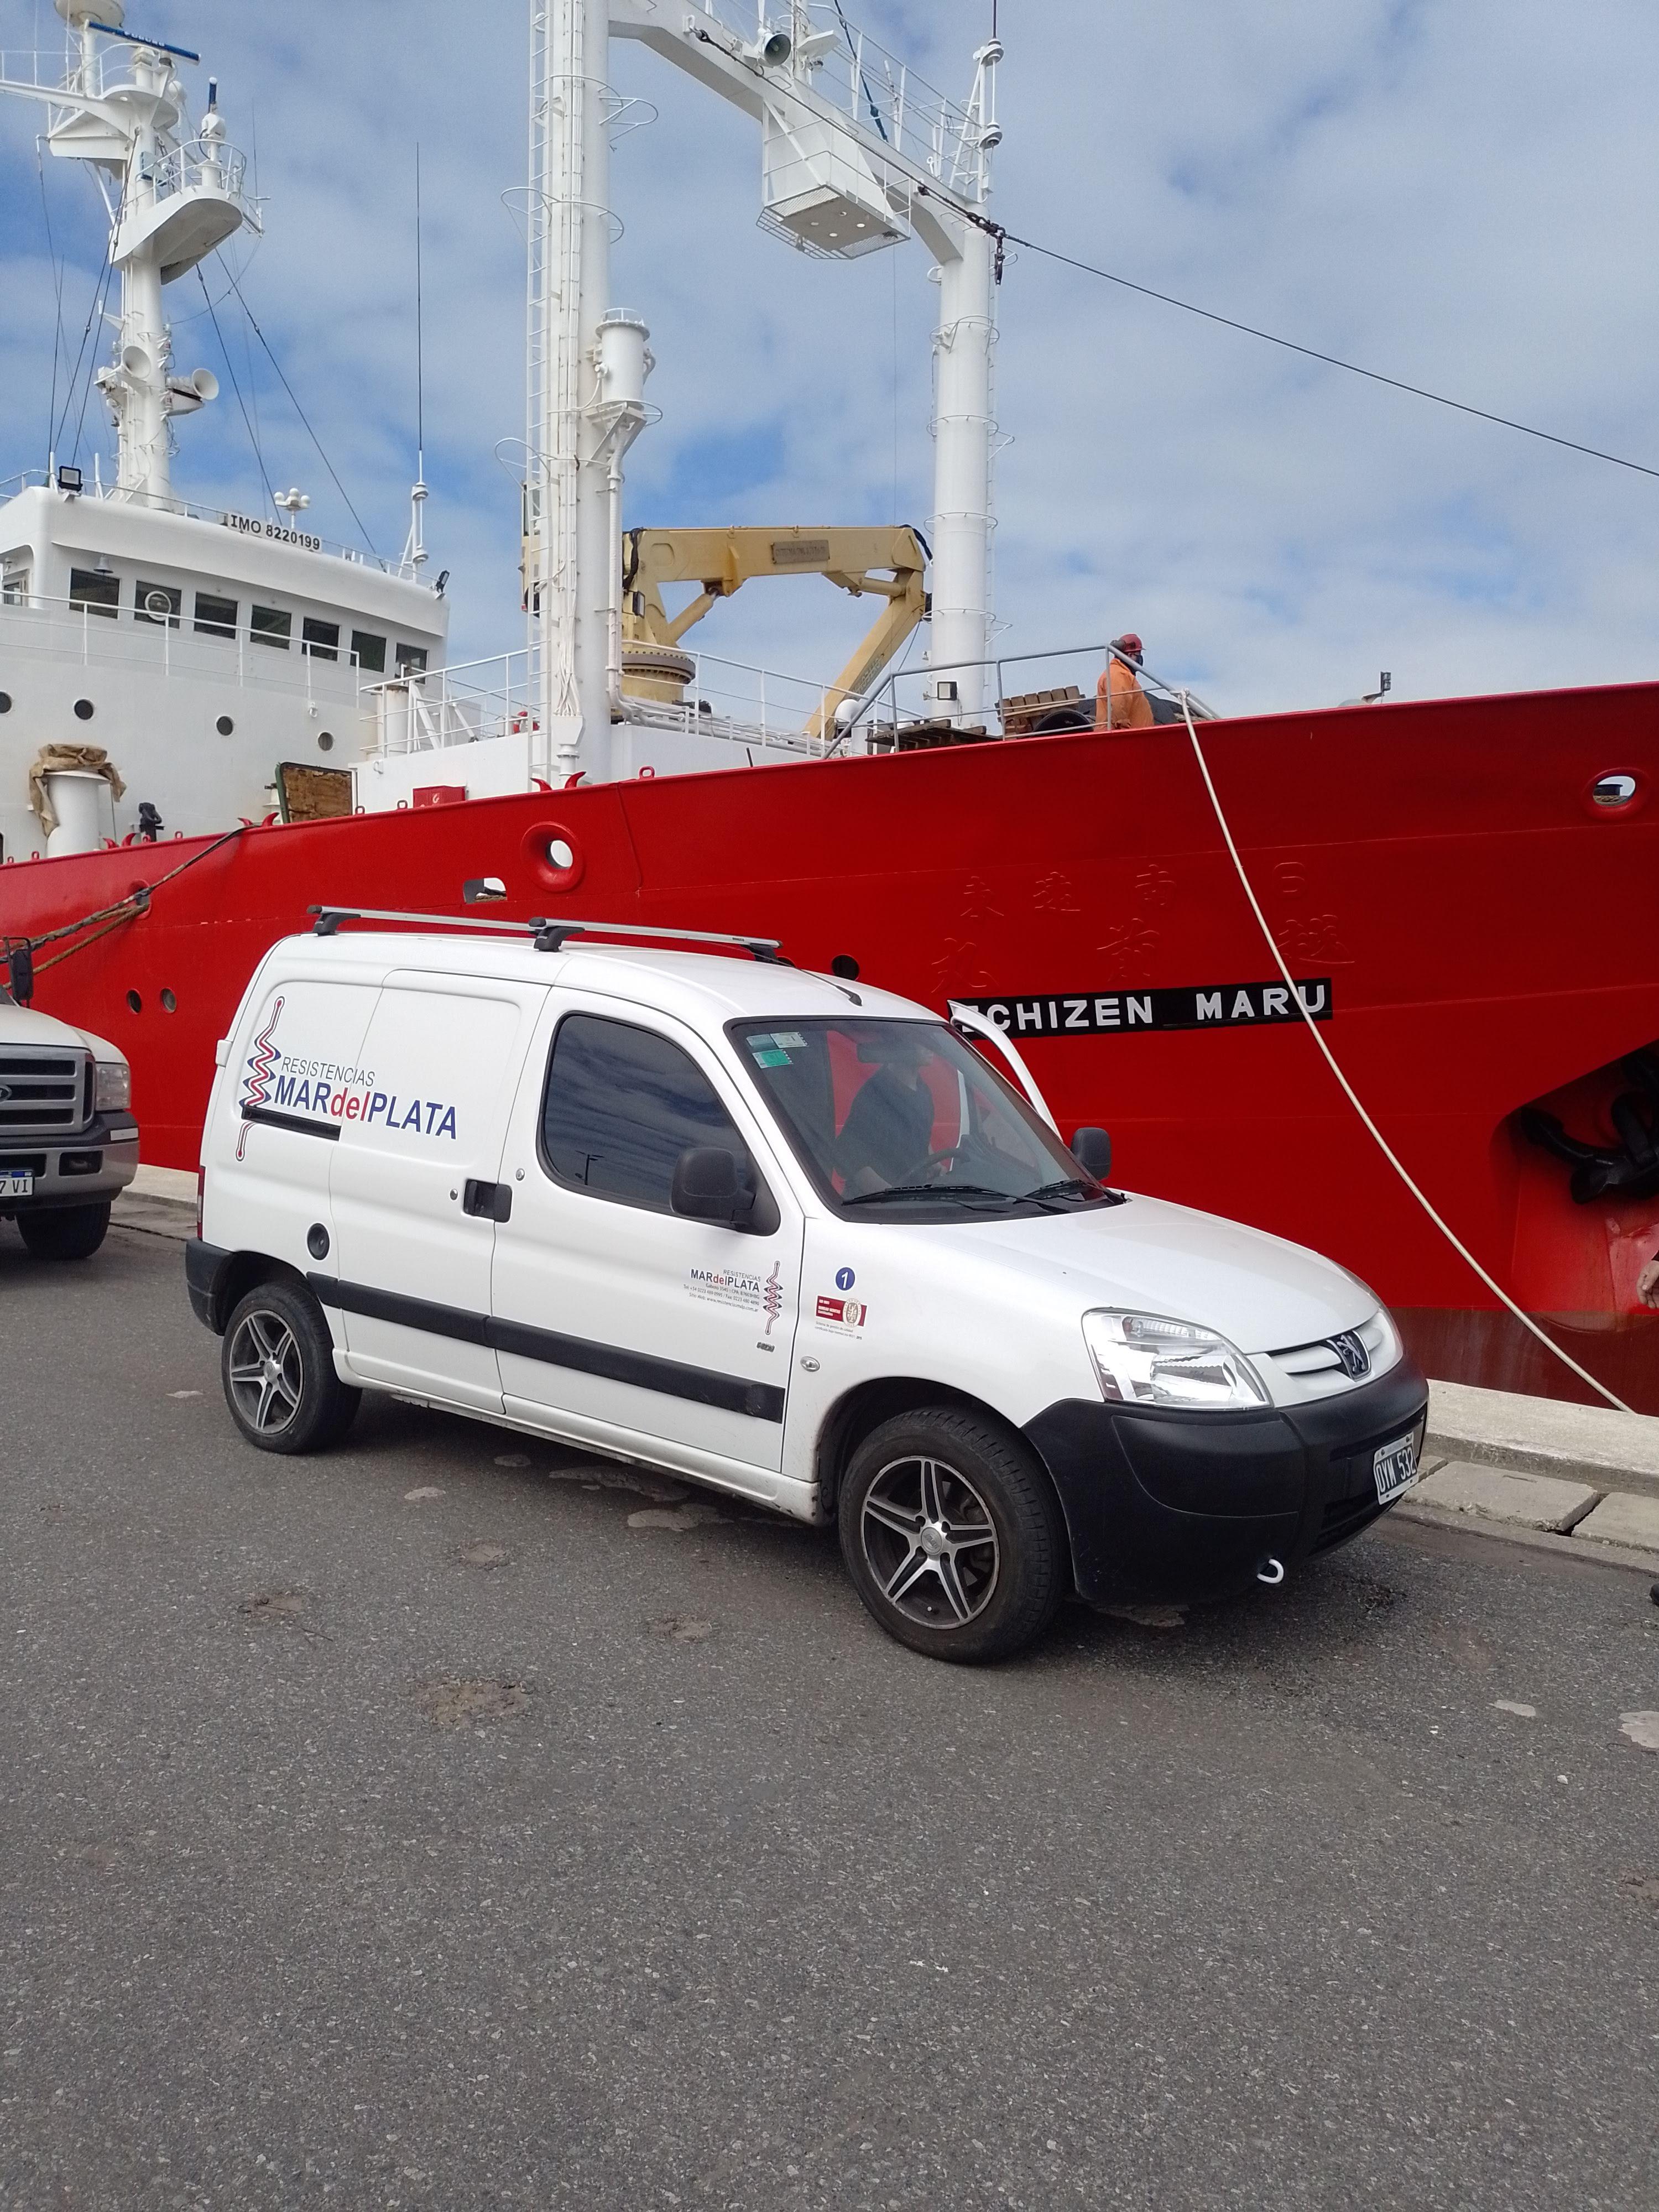 Instalación buque ECHIZEN MARU